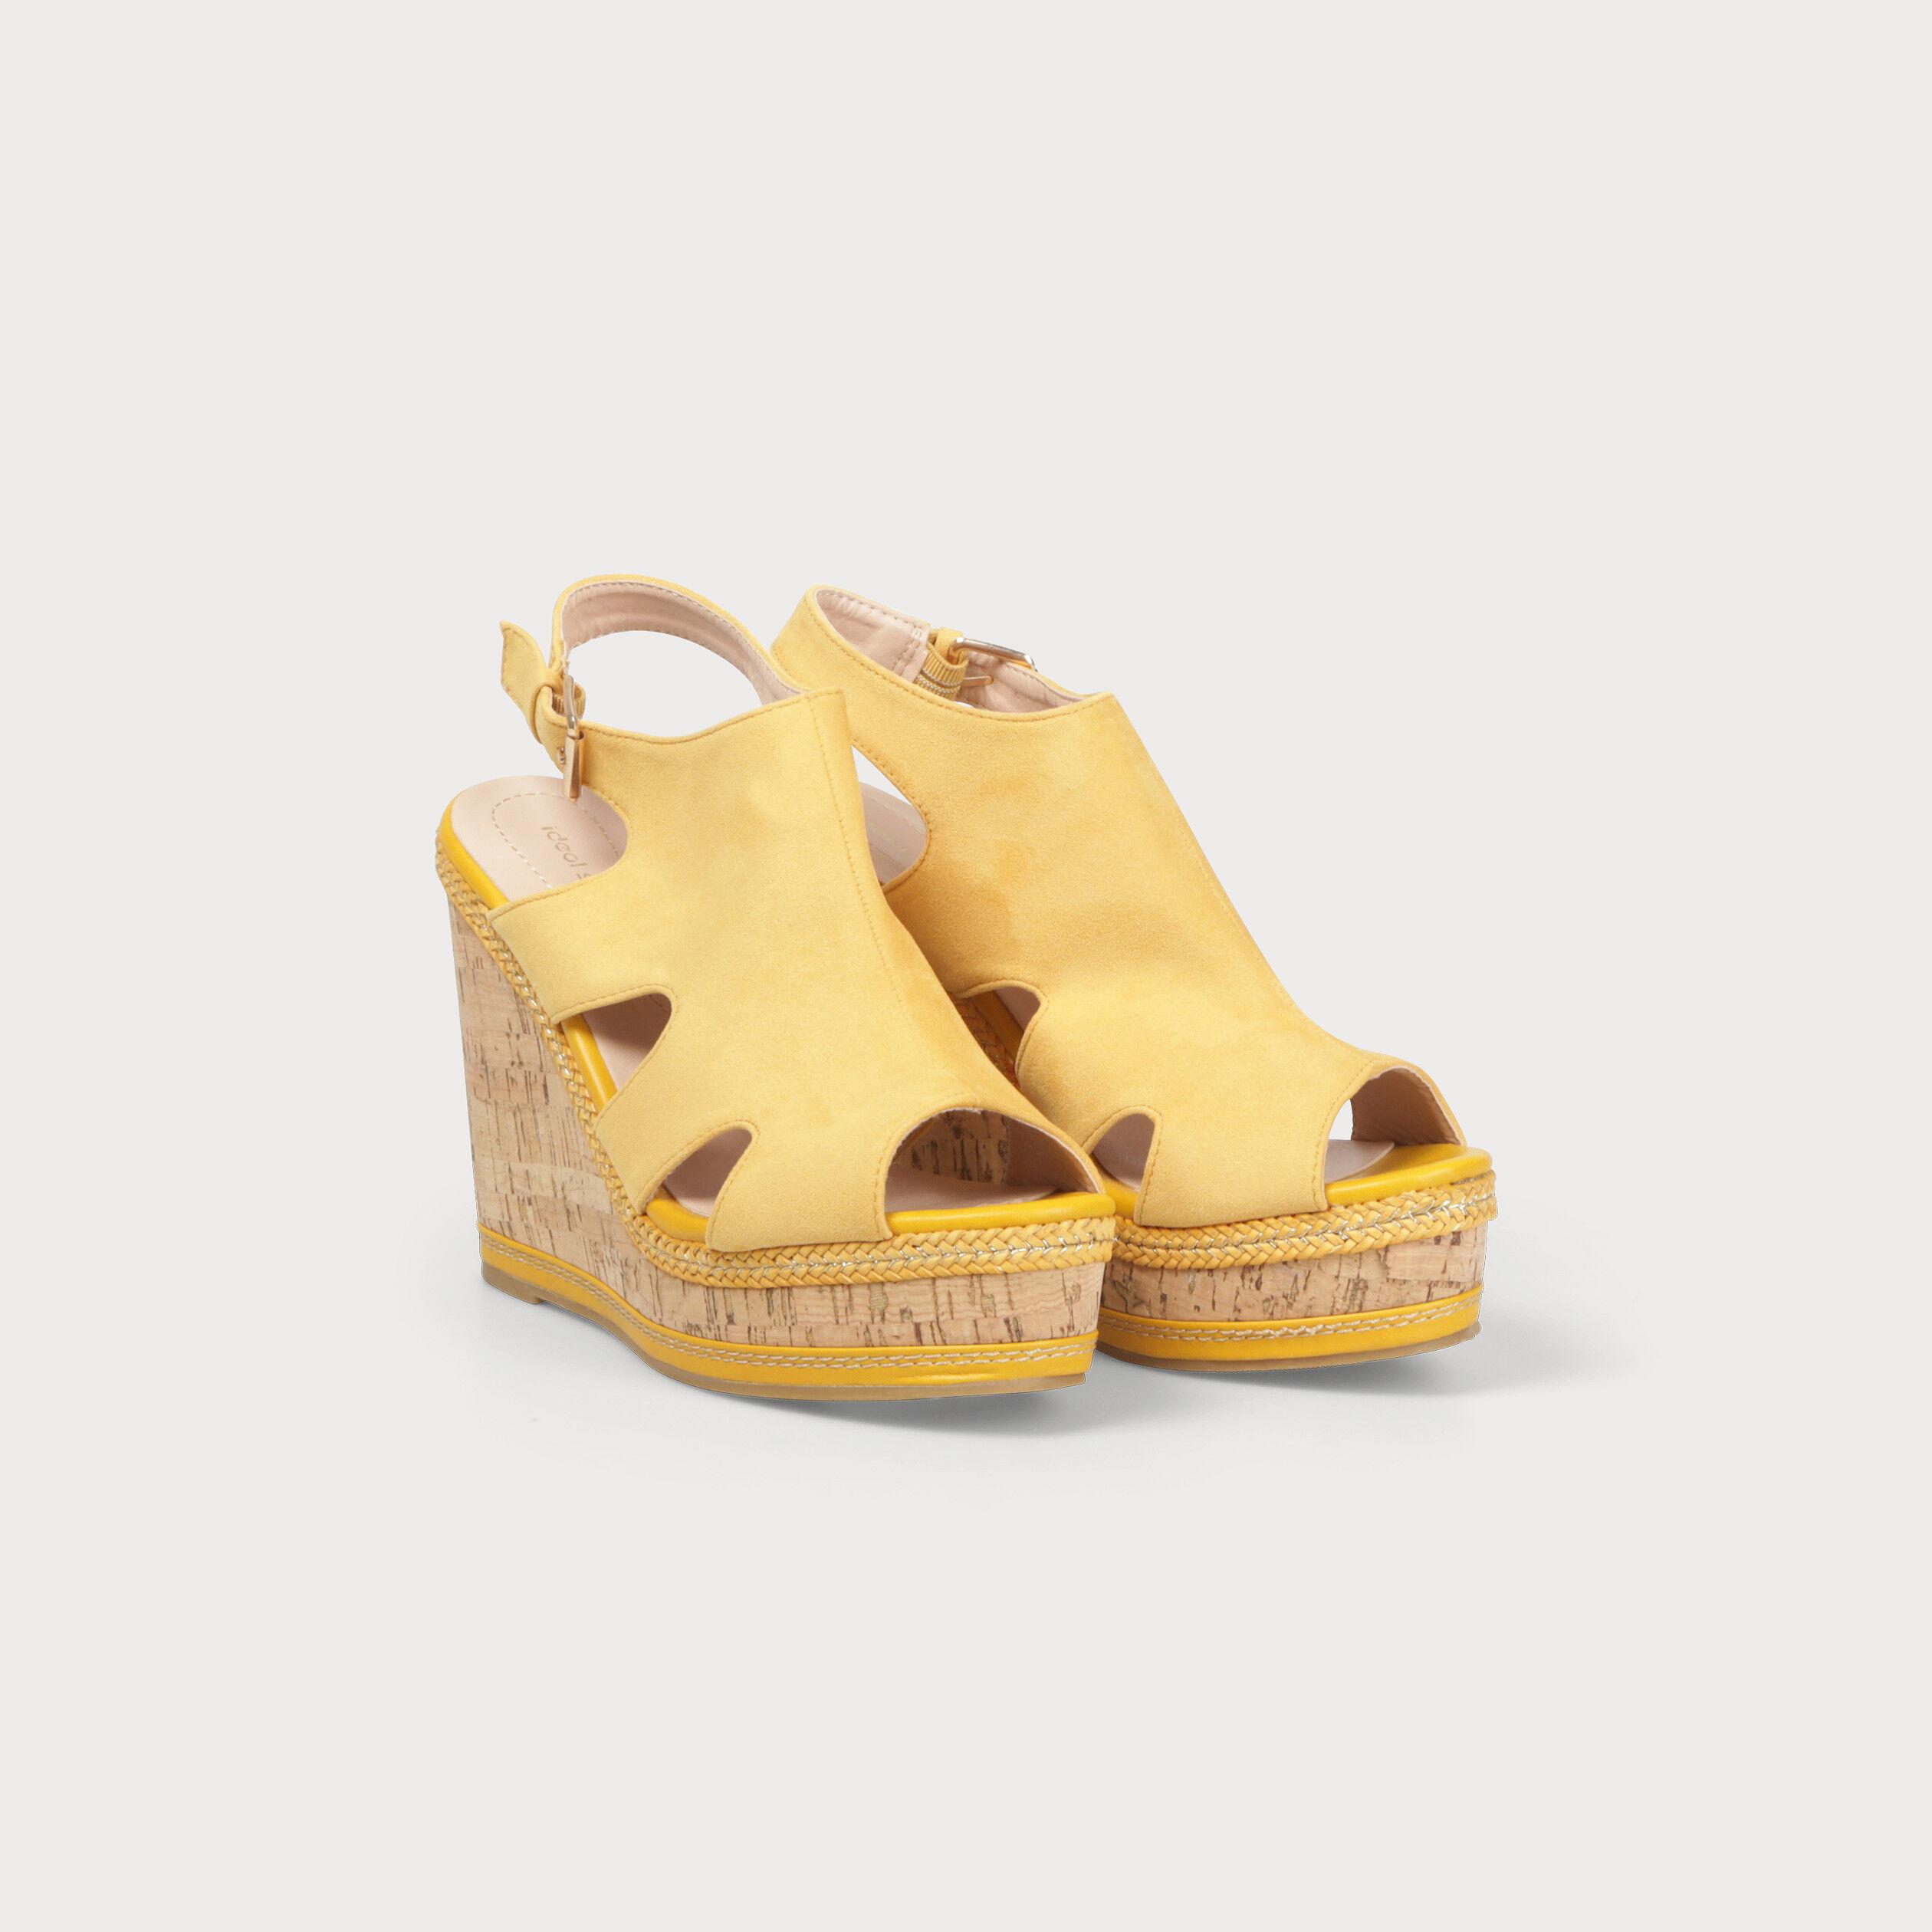 Compensé Compensé FemmeVib's Jaune Compensé Sandale Jaune Sandale Sandale FemmeVib's jL54AR3